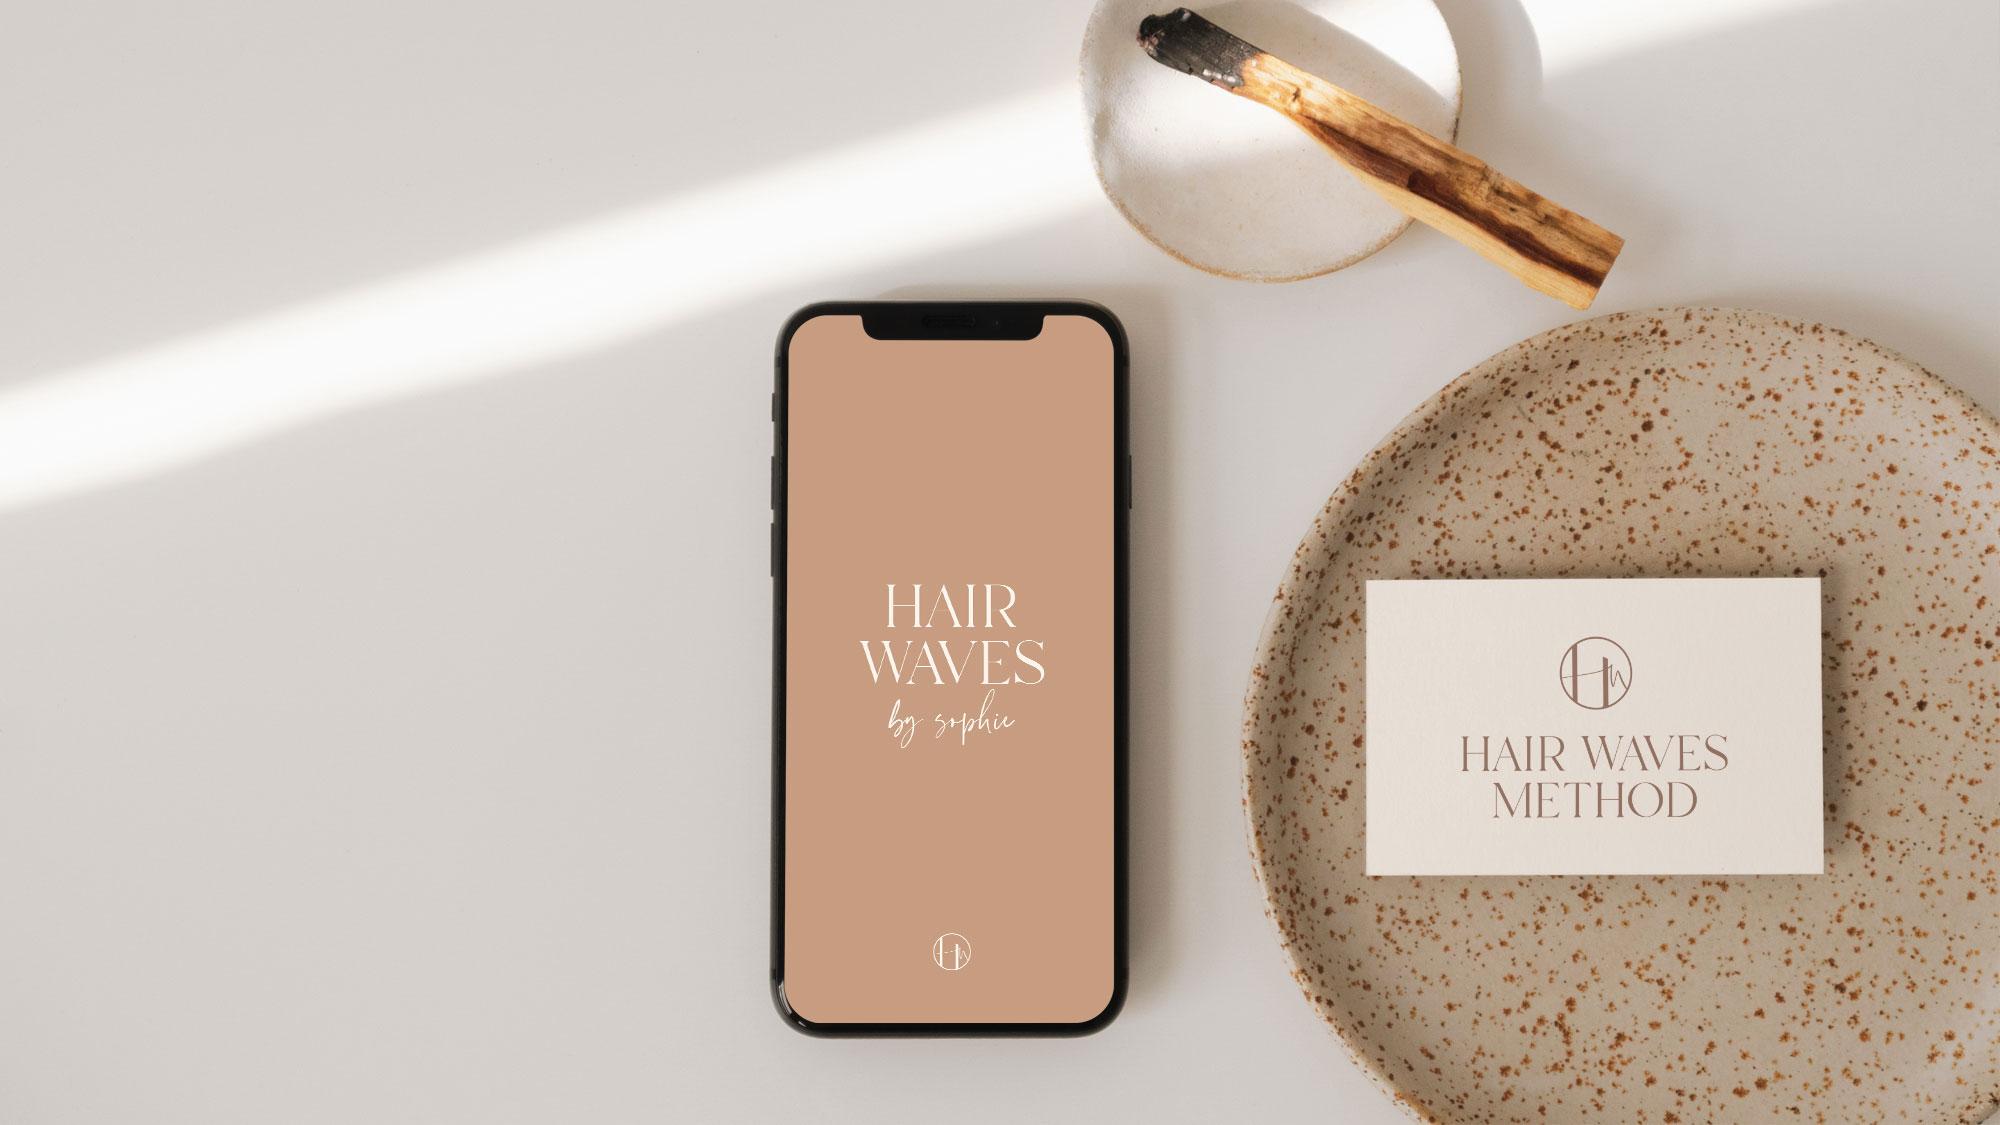 Hair Waves by Sophie